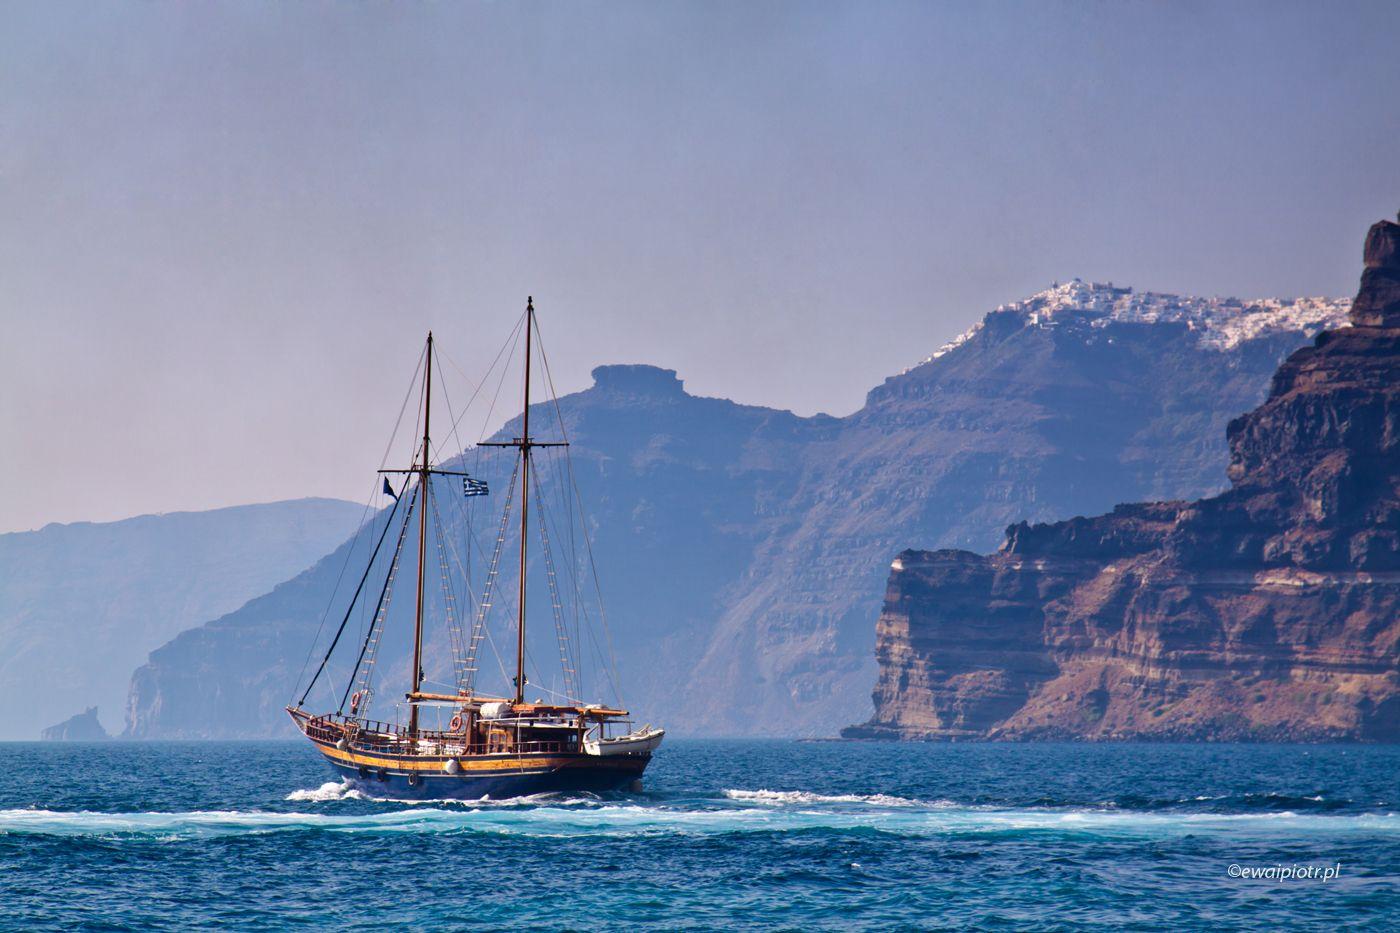 Żaglowiec pod urwiskiem, Santorini, fotoekspedycja